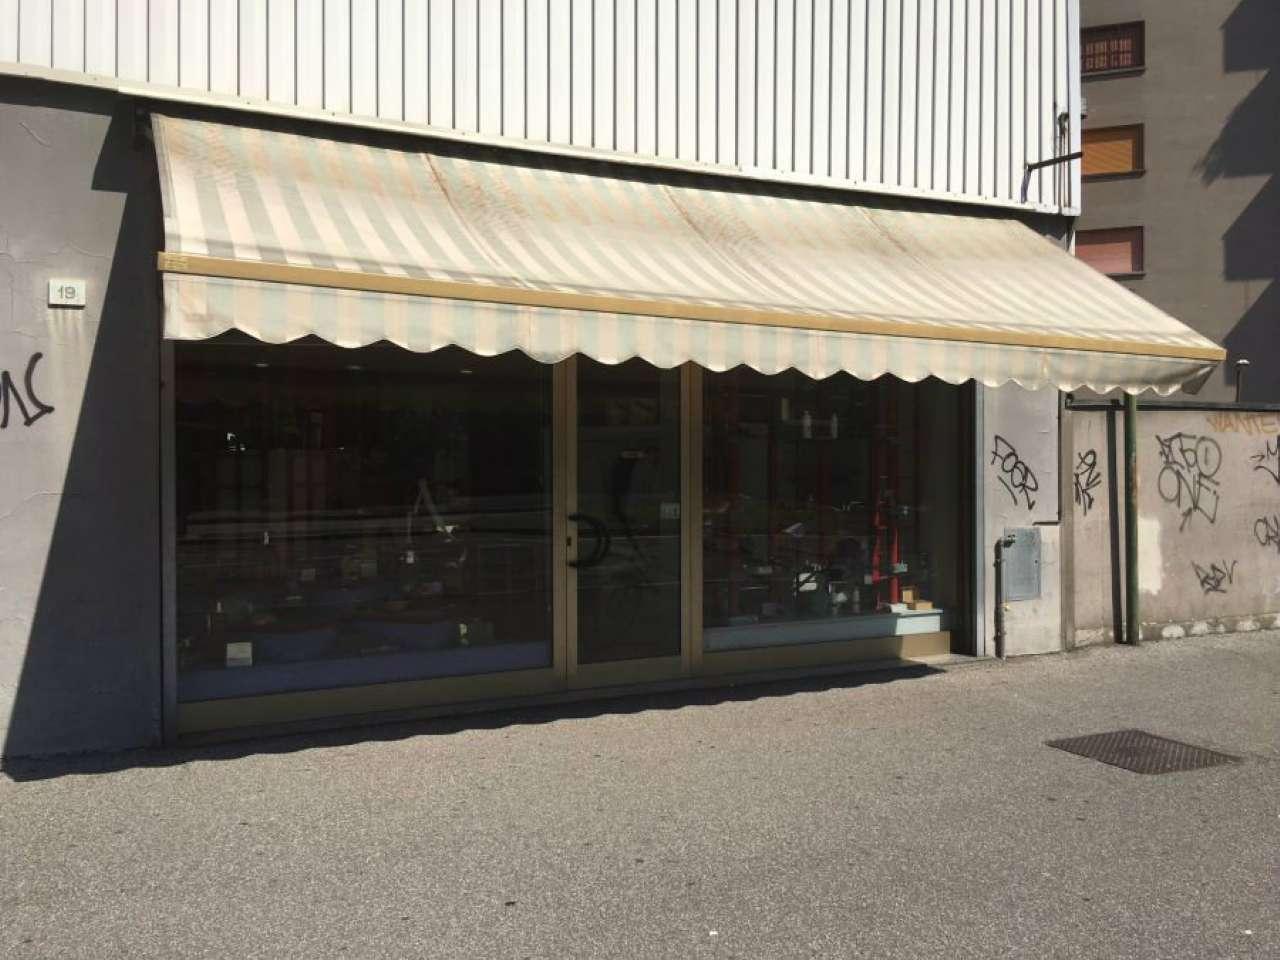 Negozio / Locale in affitto a Cologno Monzese, 2 locali, prezzo € 1.200 | CambioCasa.it